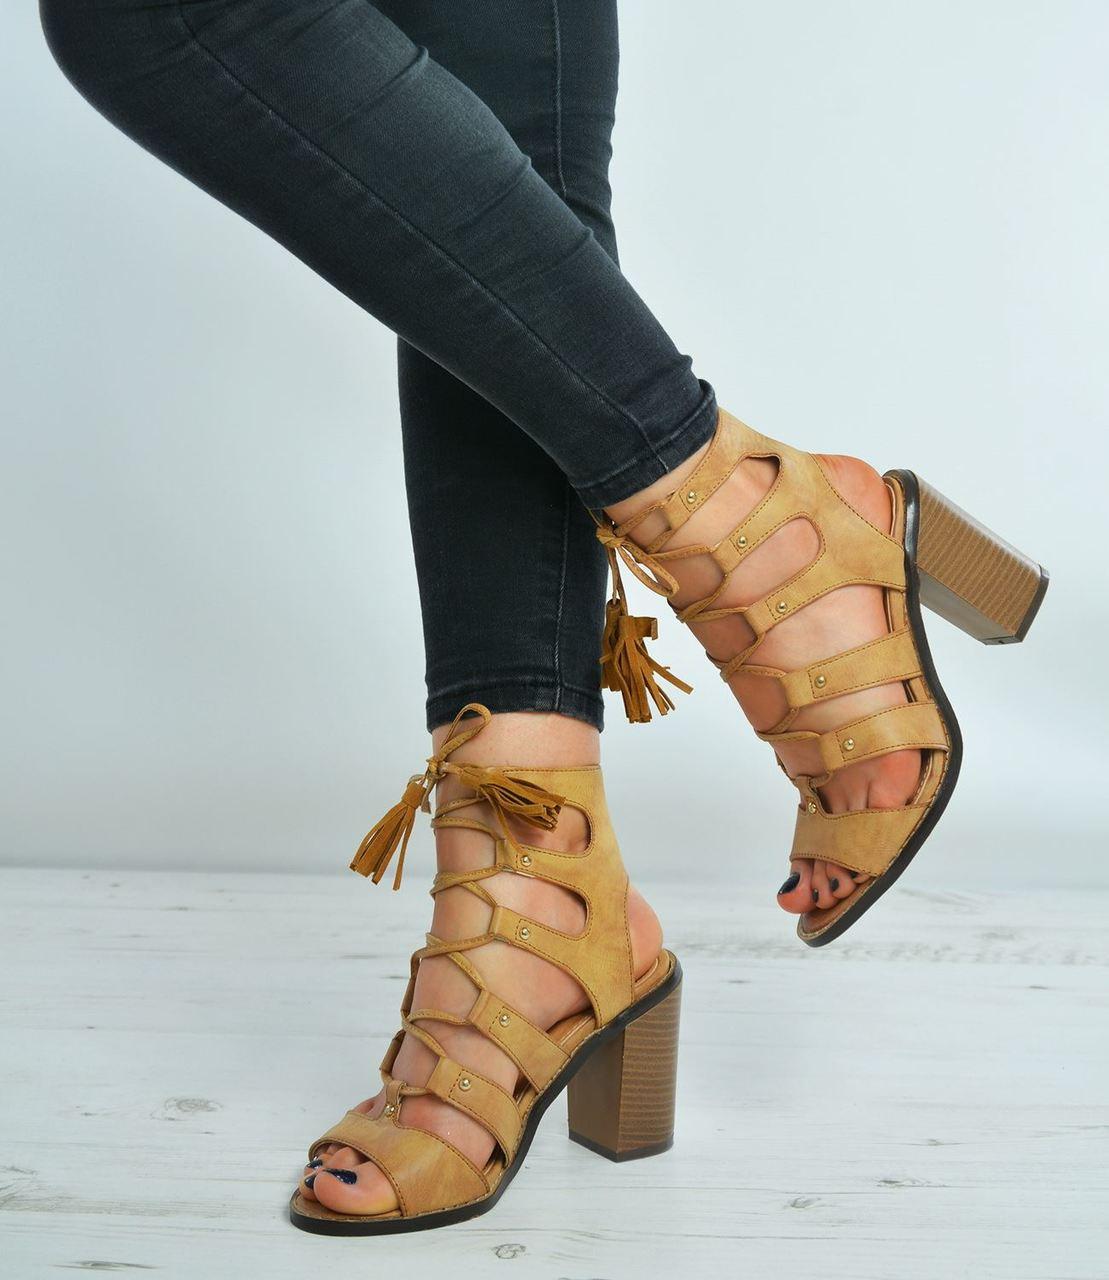 Fringe Ankle Sandals Block Heel